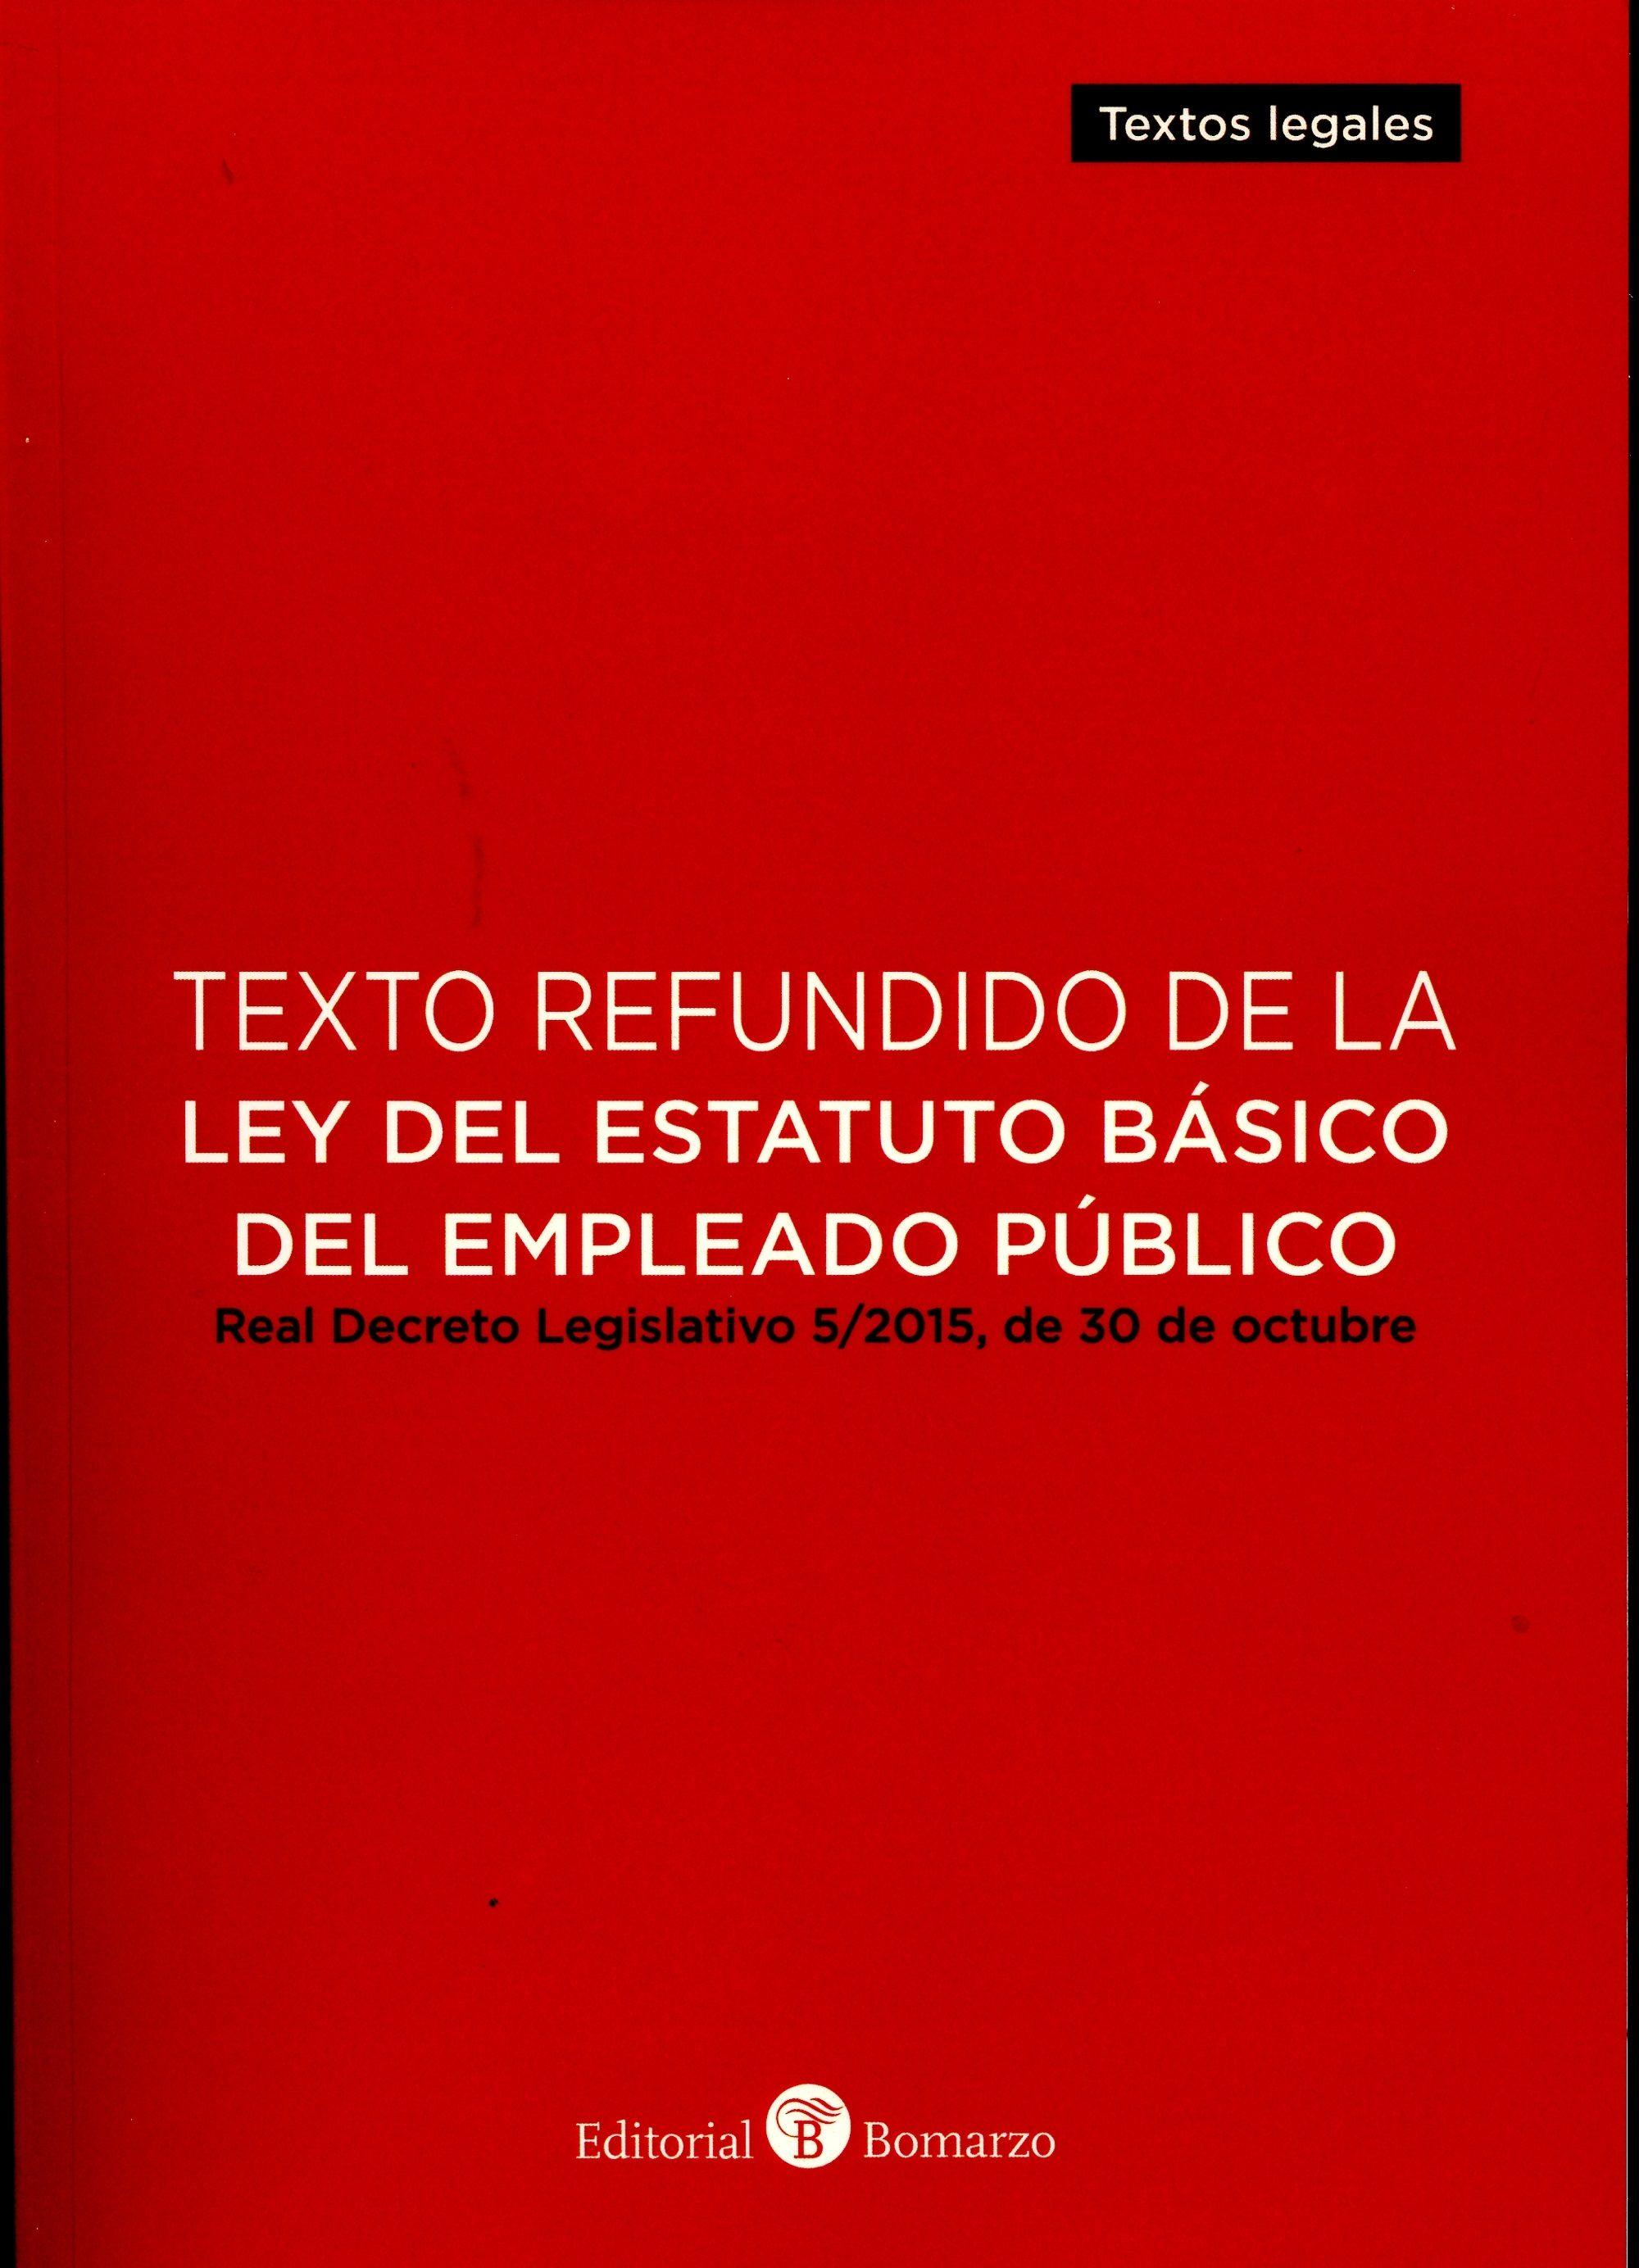 Texto Refundido De La Ley Del Estatuto Basico Del Empleado Público - Vv.aa.